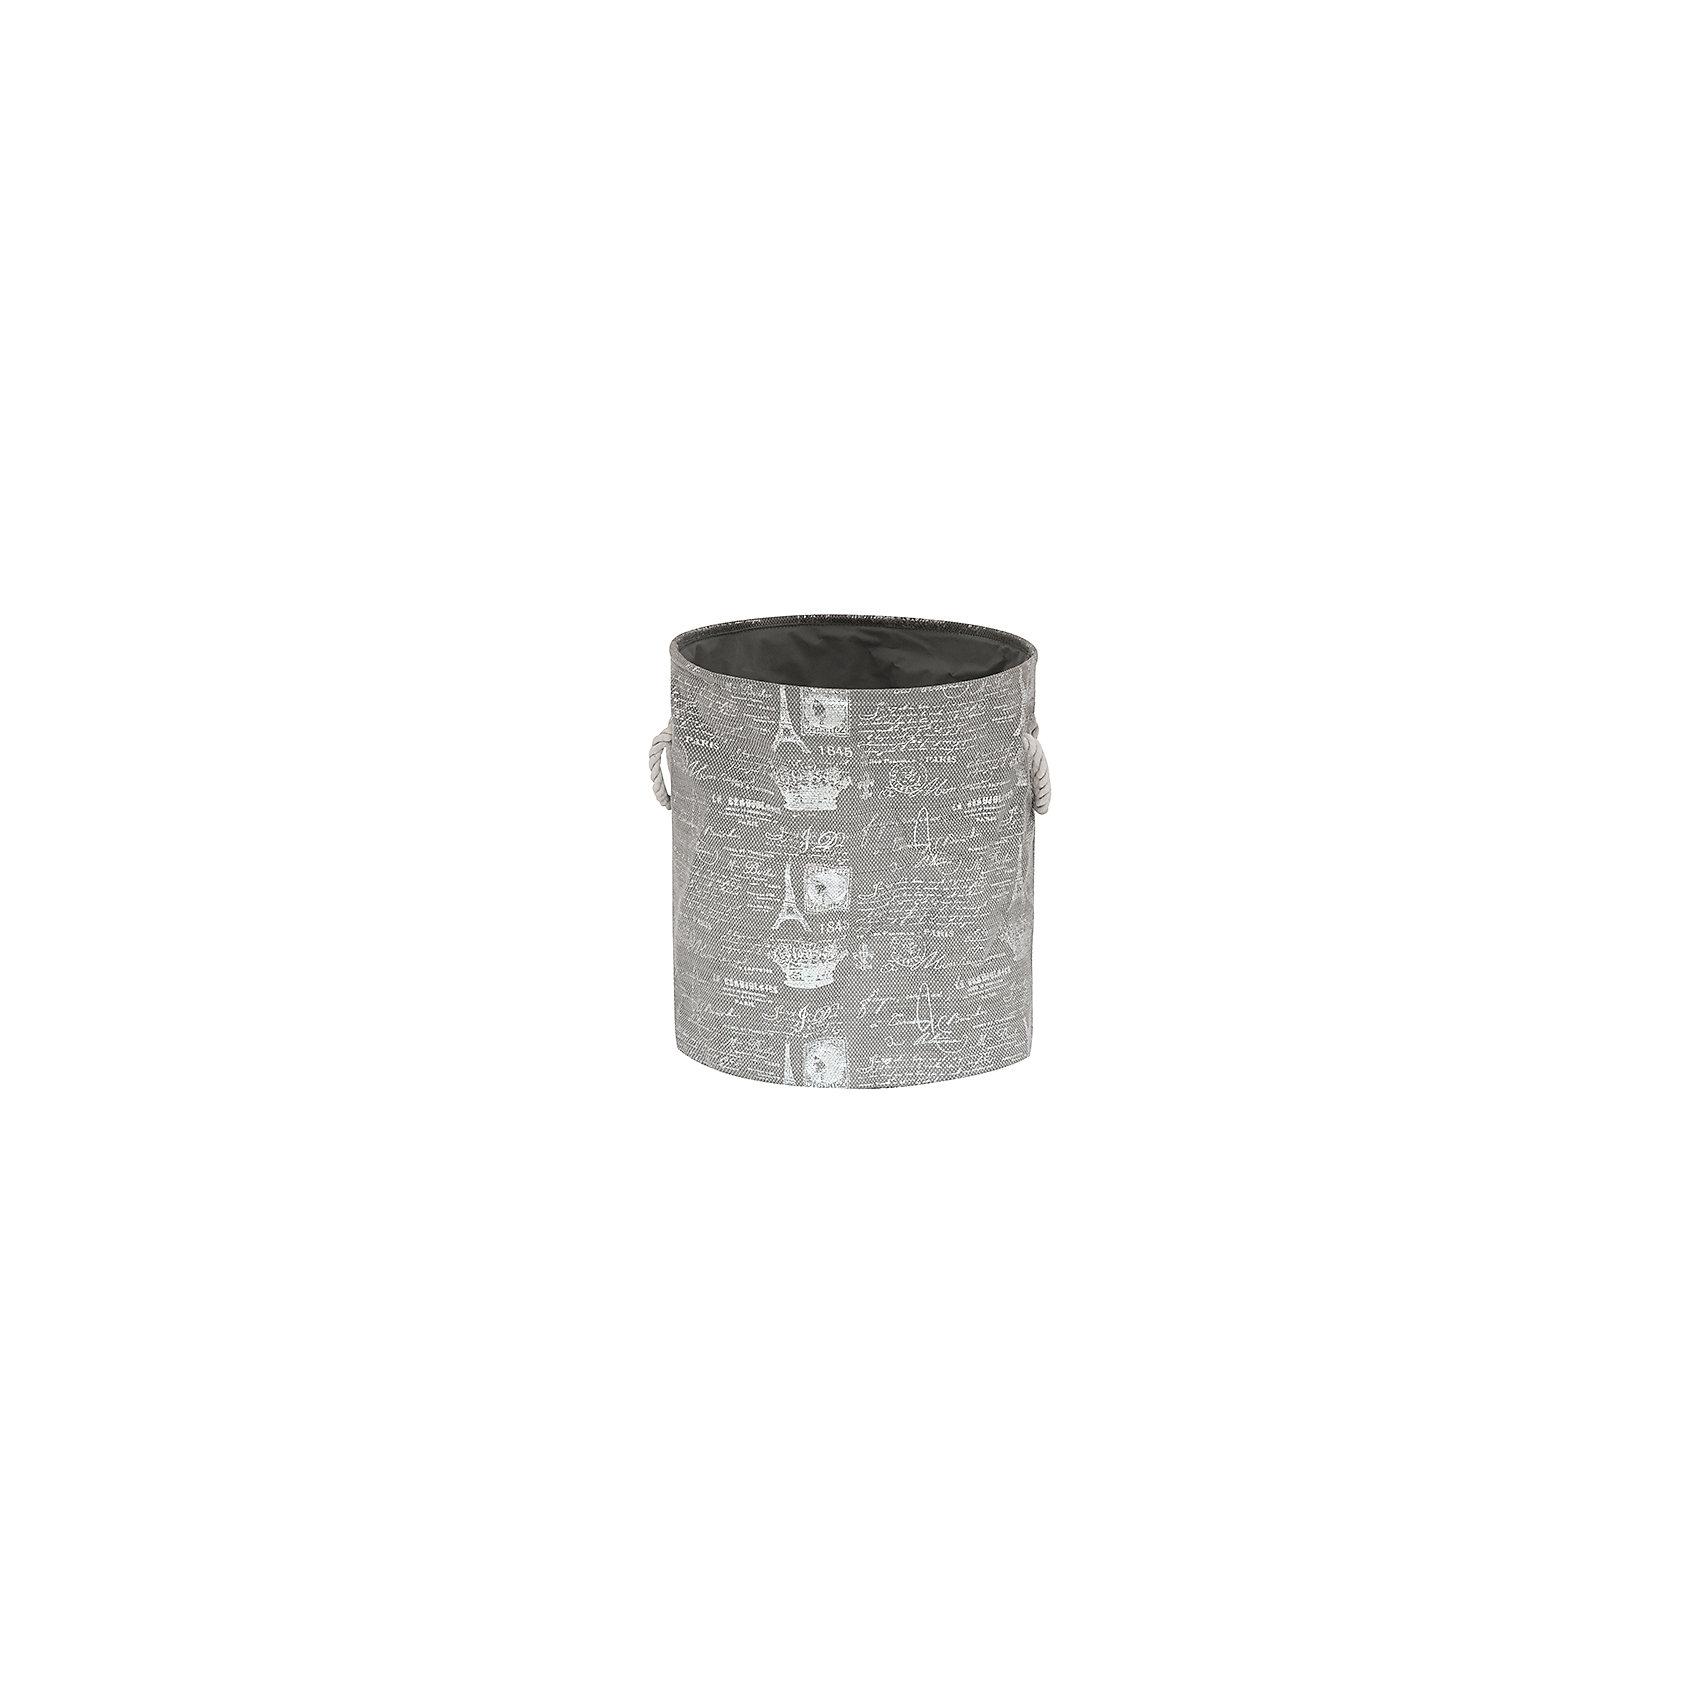 Кофр складной для хранения 38*38*45 см. Париж серебро, EL CasaПорядок в детской<br>Кофр складной мягкий для хранения имеет форму цилиндра. Не имеет жестких вставок, при этом держит форму и имеет эстетичный вид. Легко слкадывается и раскладывается, подходит для размещения в шкафу.<br><br>Ширина мм: 380<br>Глубина мм: 380<br>Высота мм: 70<br>Вес г: 500<br>Возраст от месяцев: 0<br>Возраст до месяцев: 1188<br>Пол: Унисекс<br>Возраст: Детский<br>SKU: 6668719